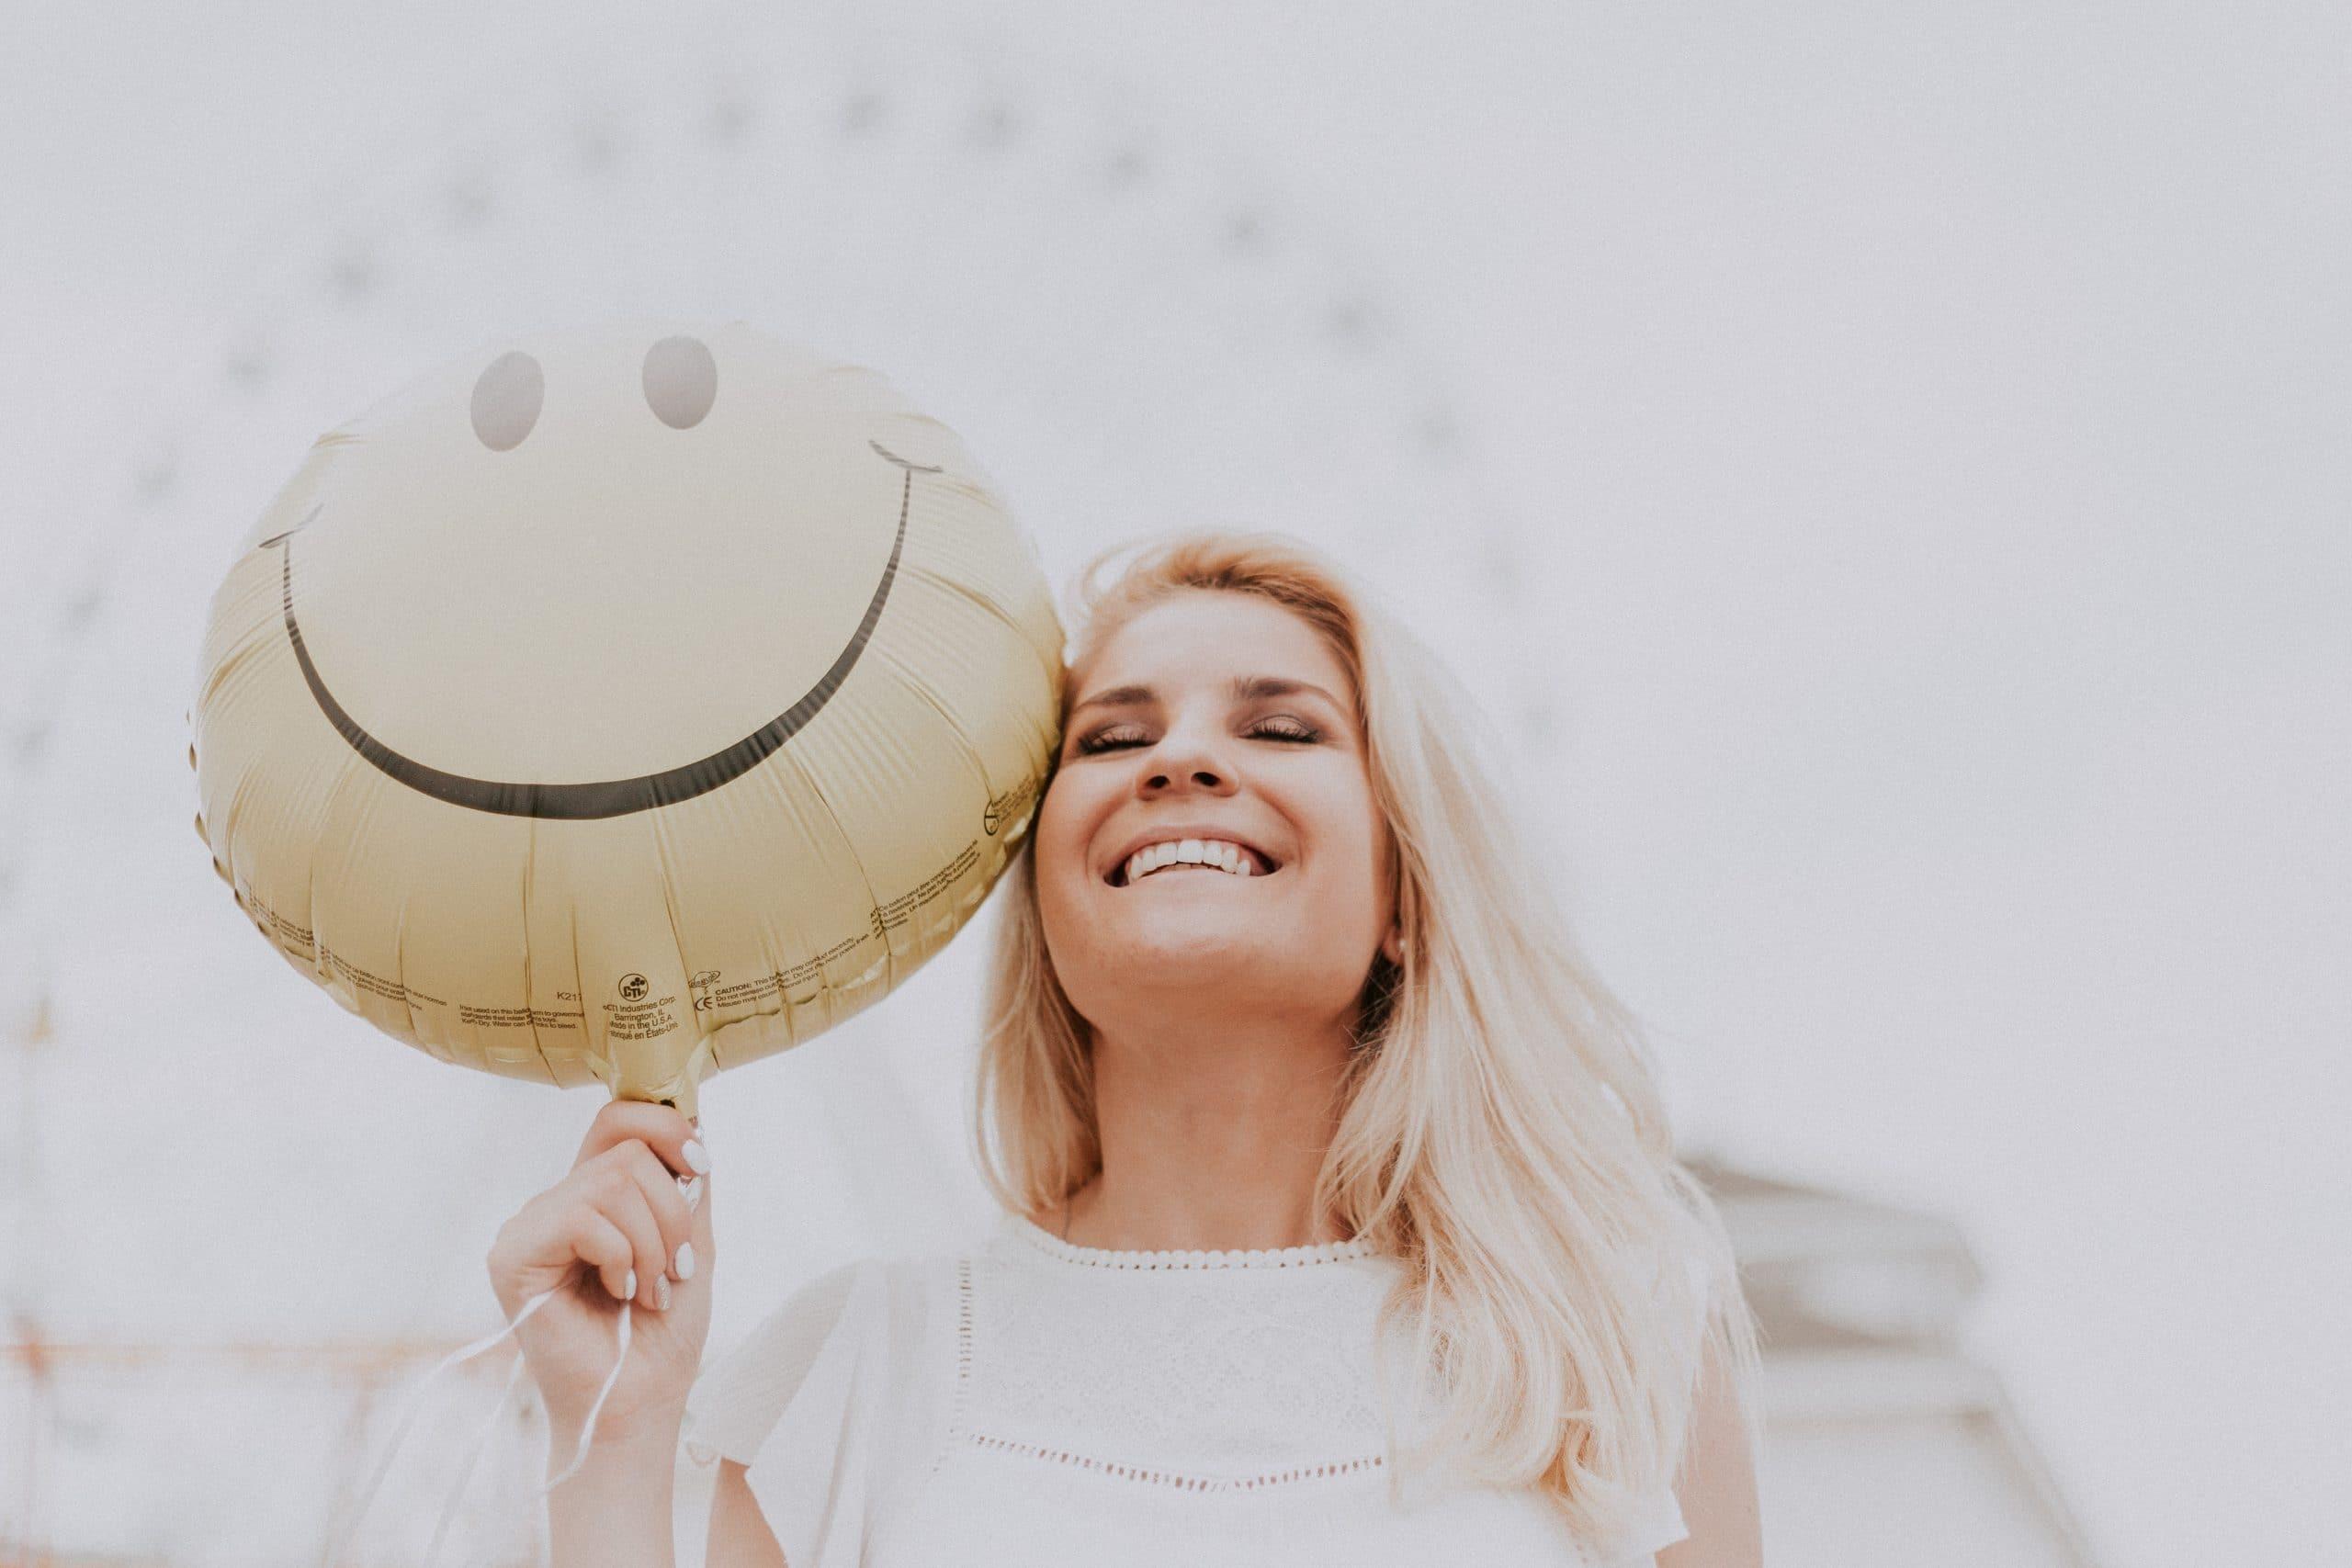 Mulher em um parque de diversões segurando um balão com o desenho de um rosto feliz.